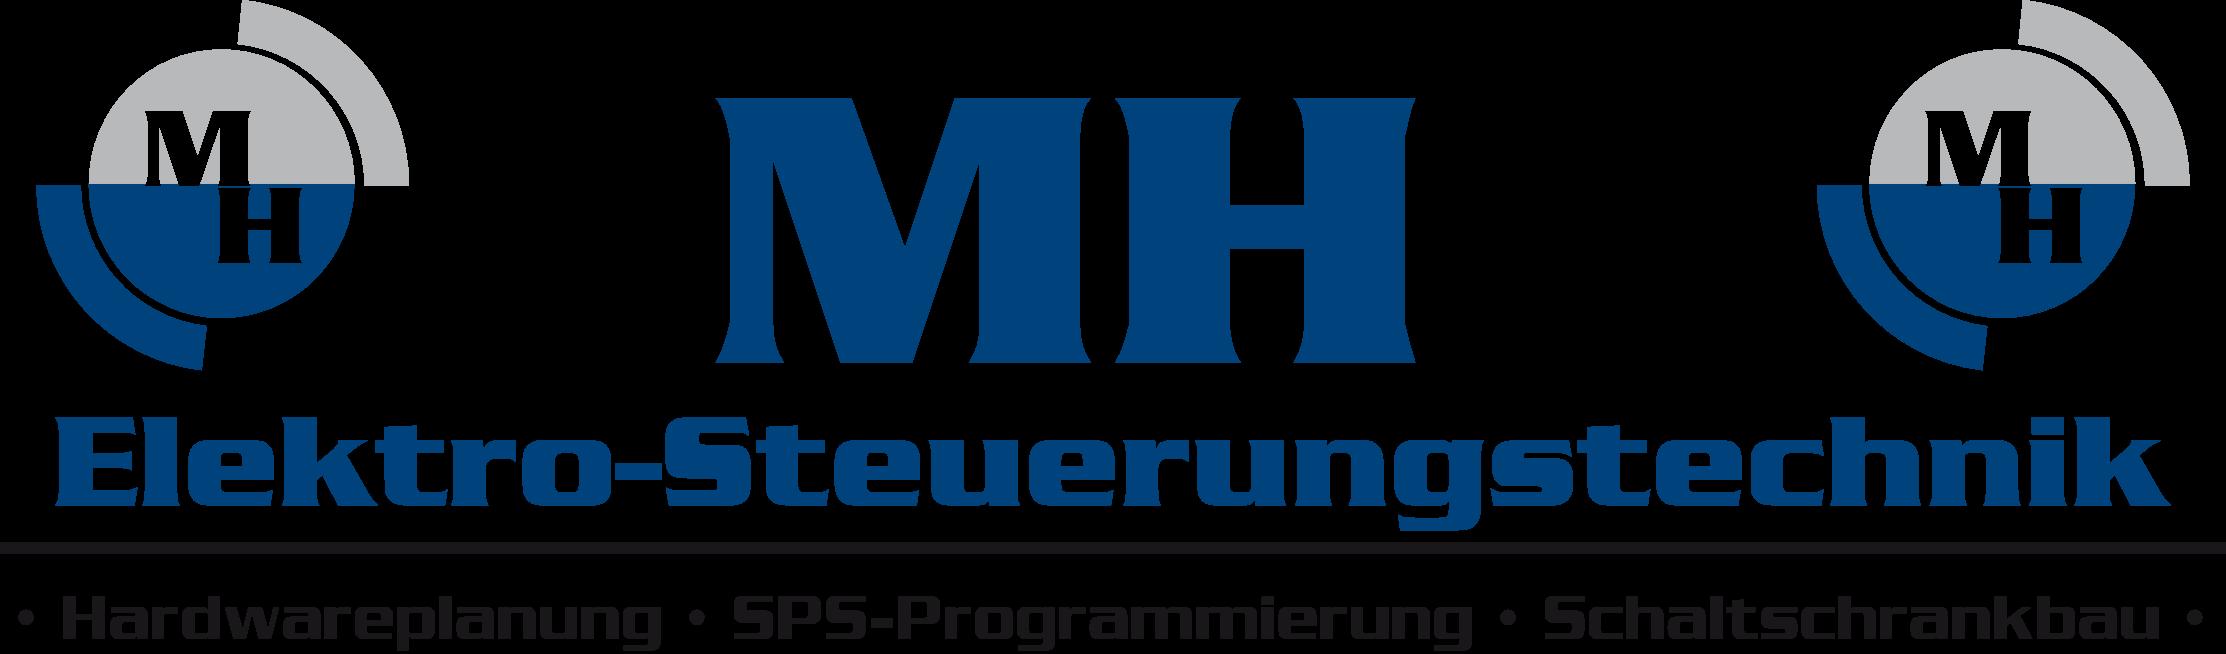 MH Elektro-Steuerungstechnik